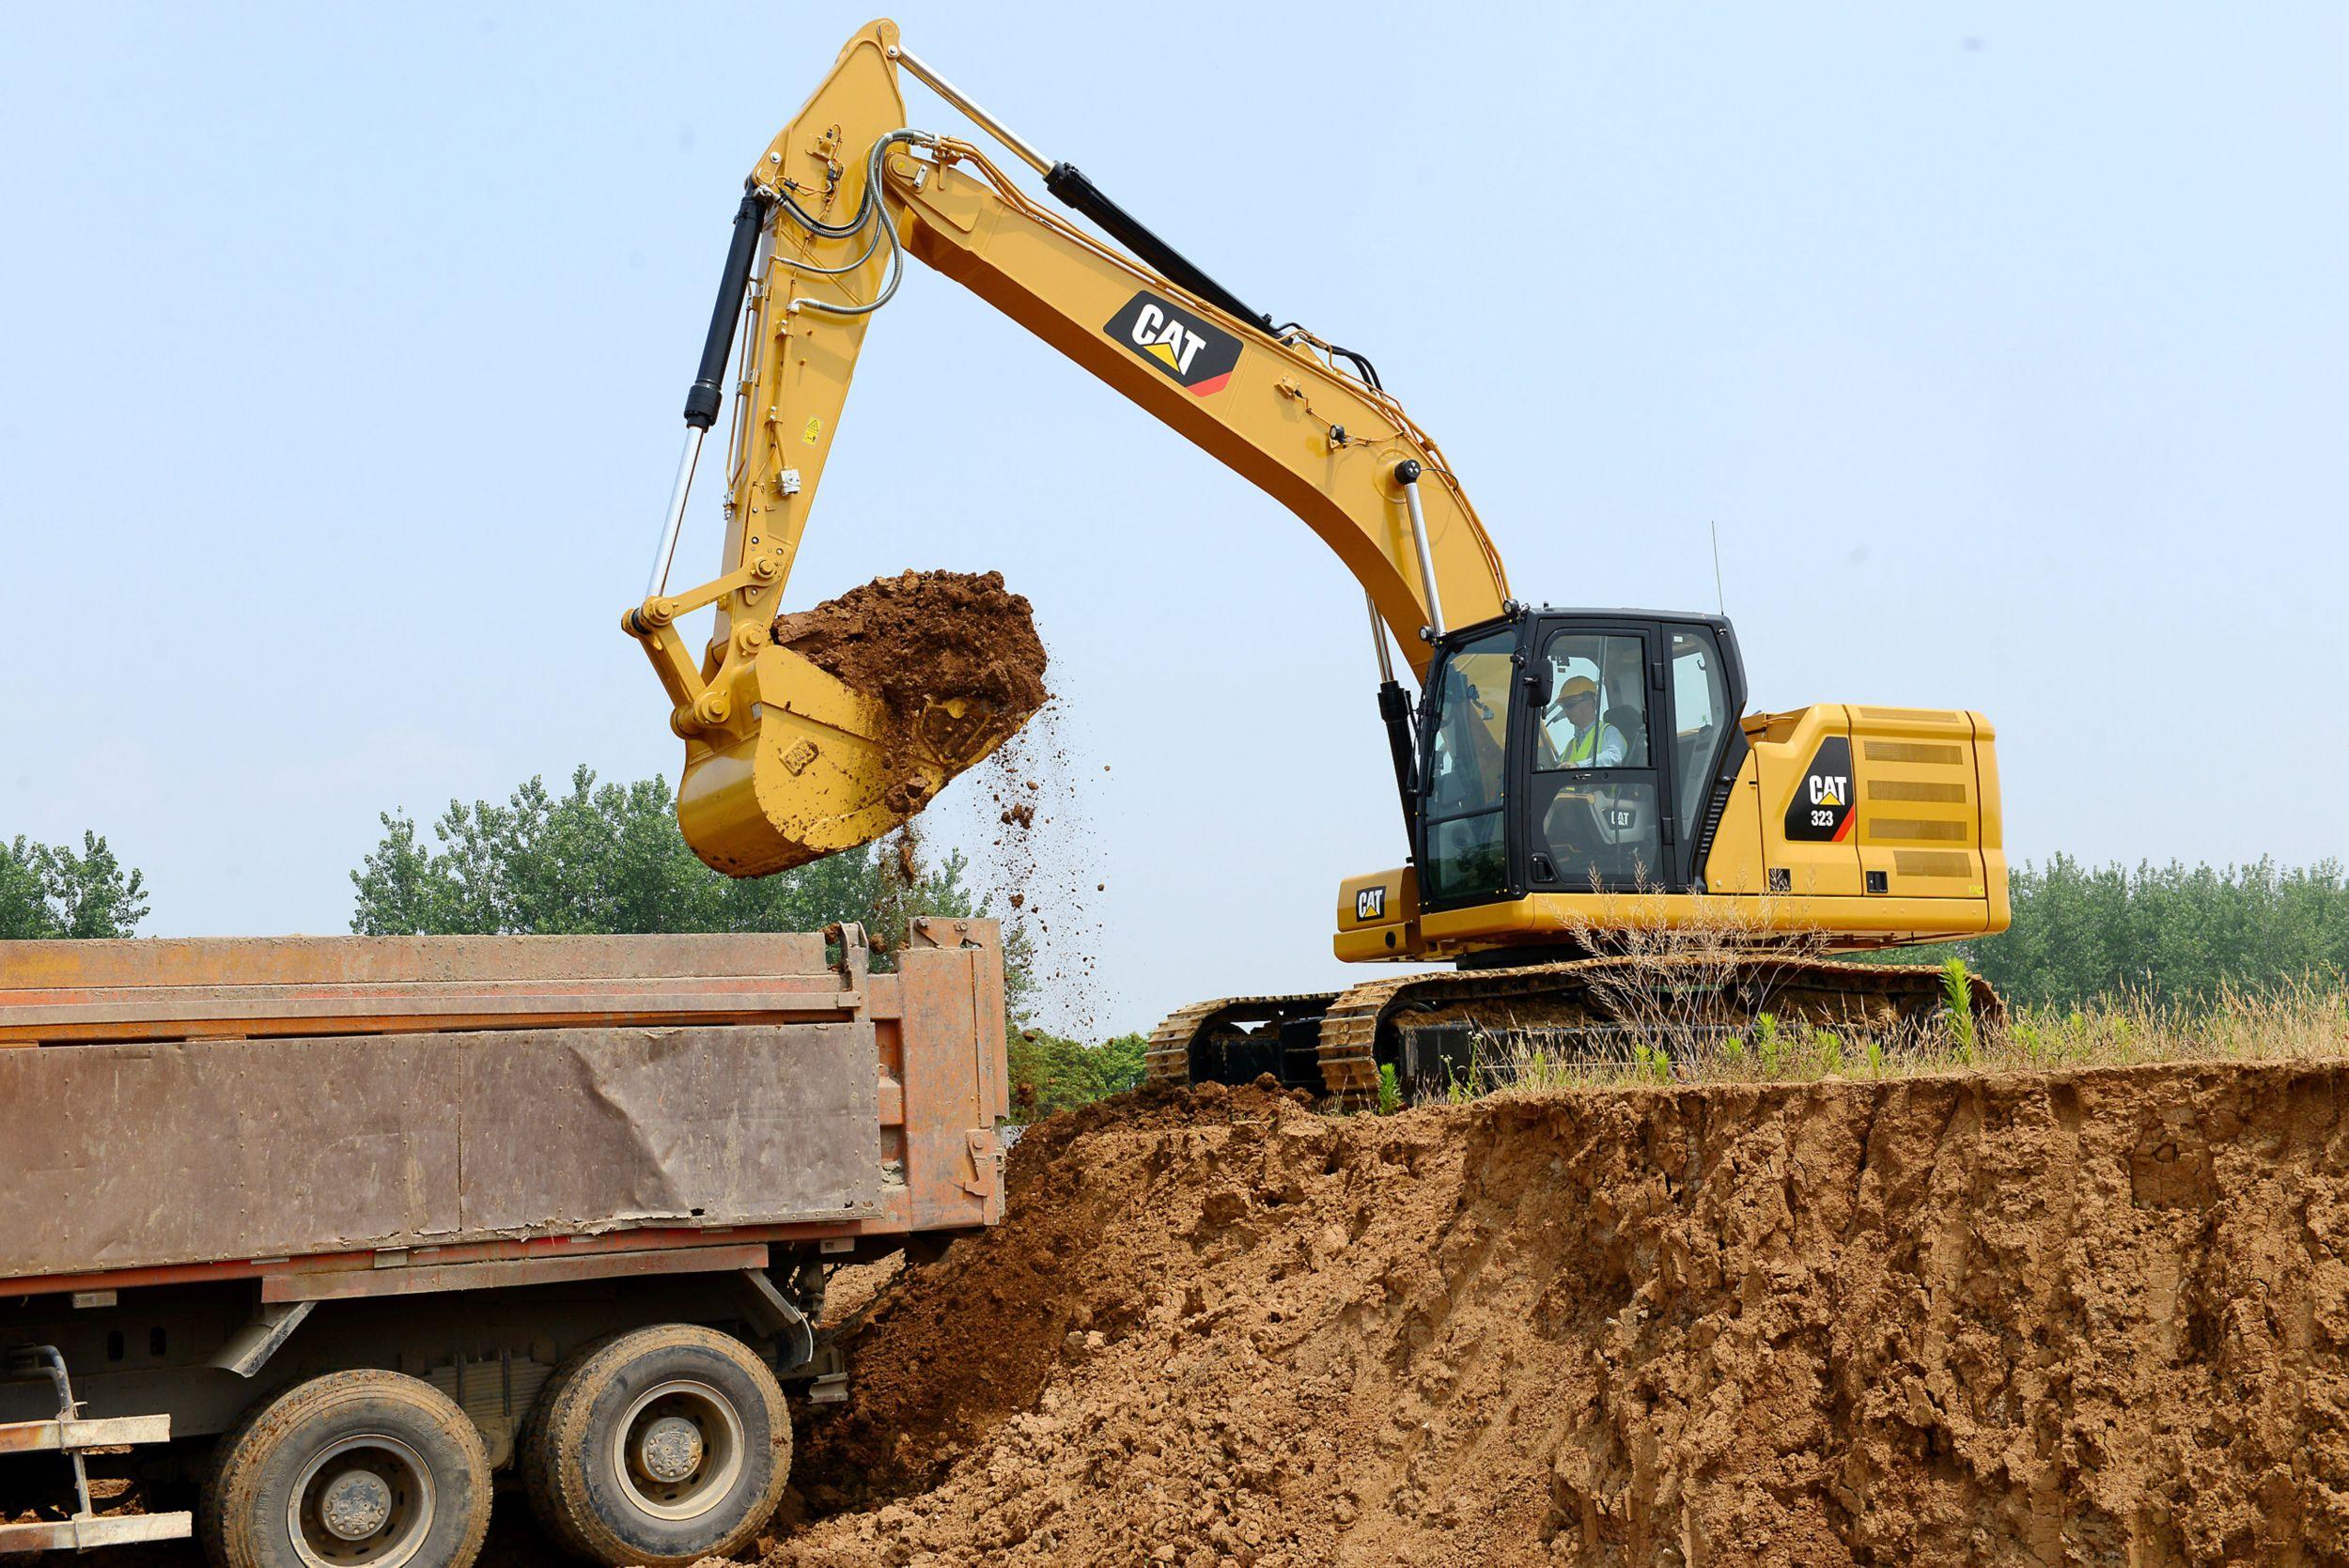 Cat 323 Next Generation Excavator